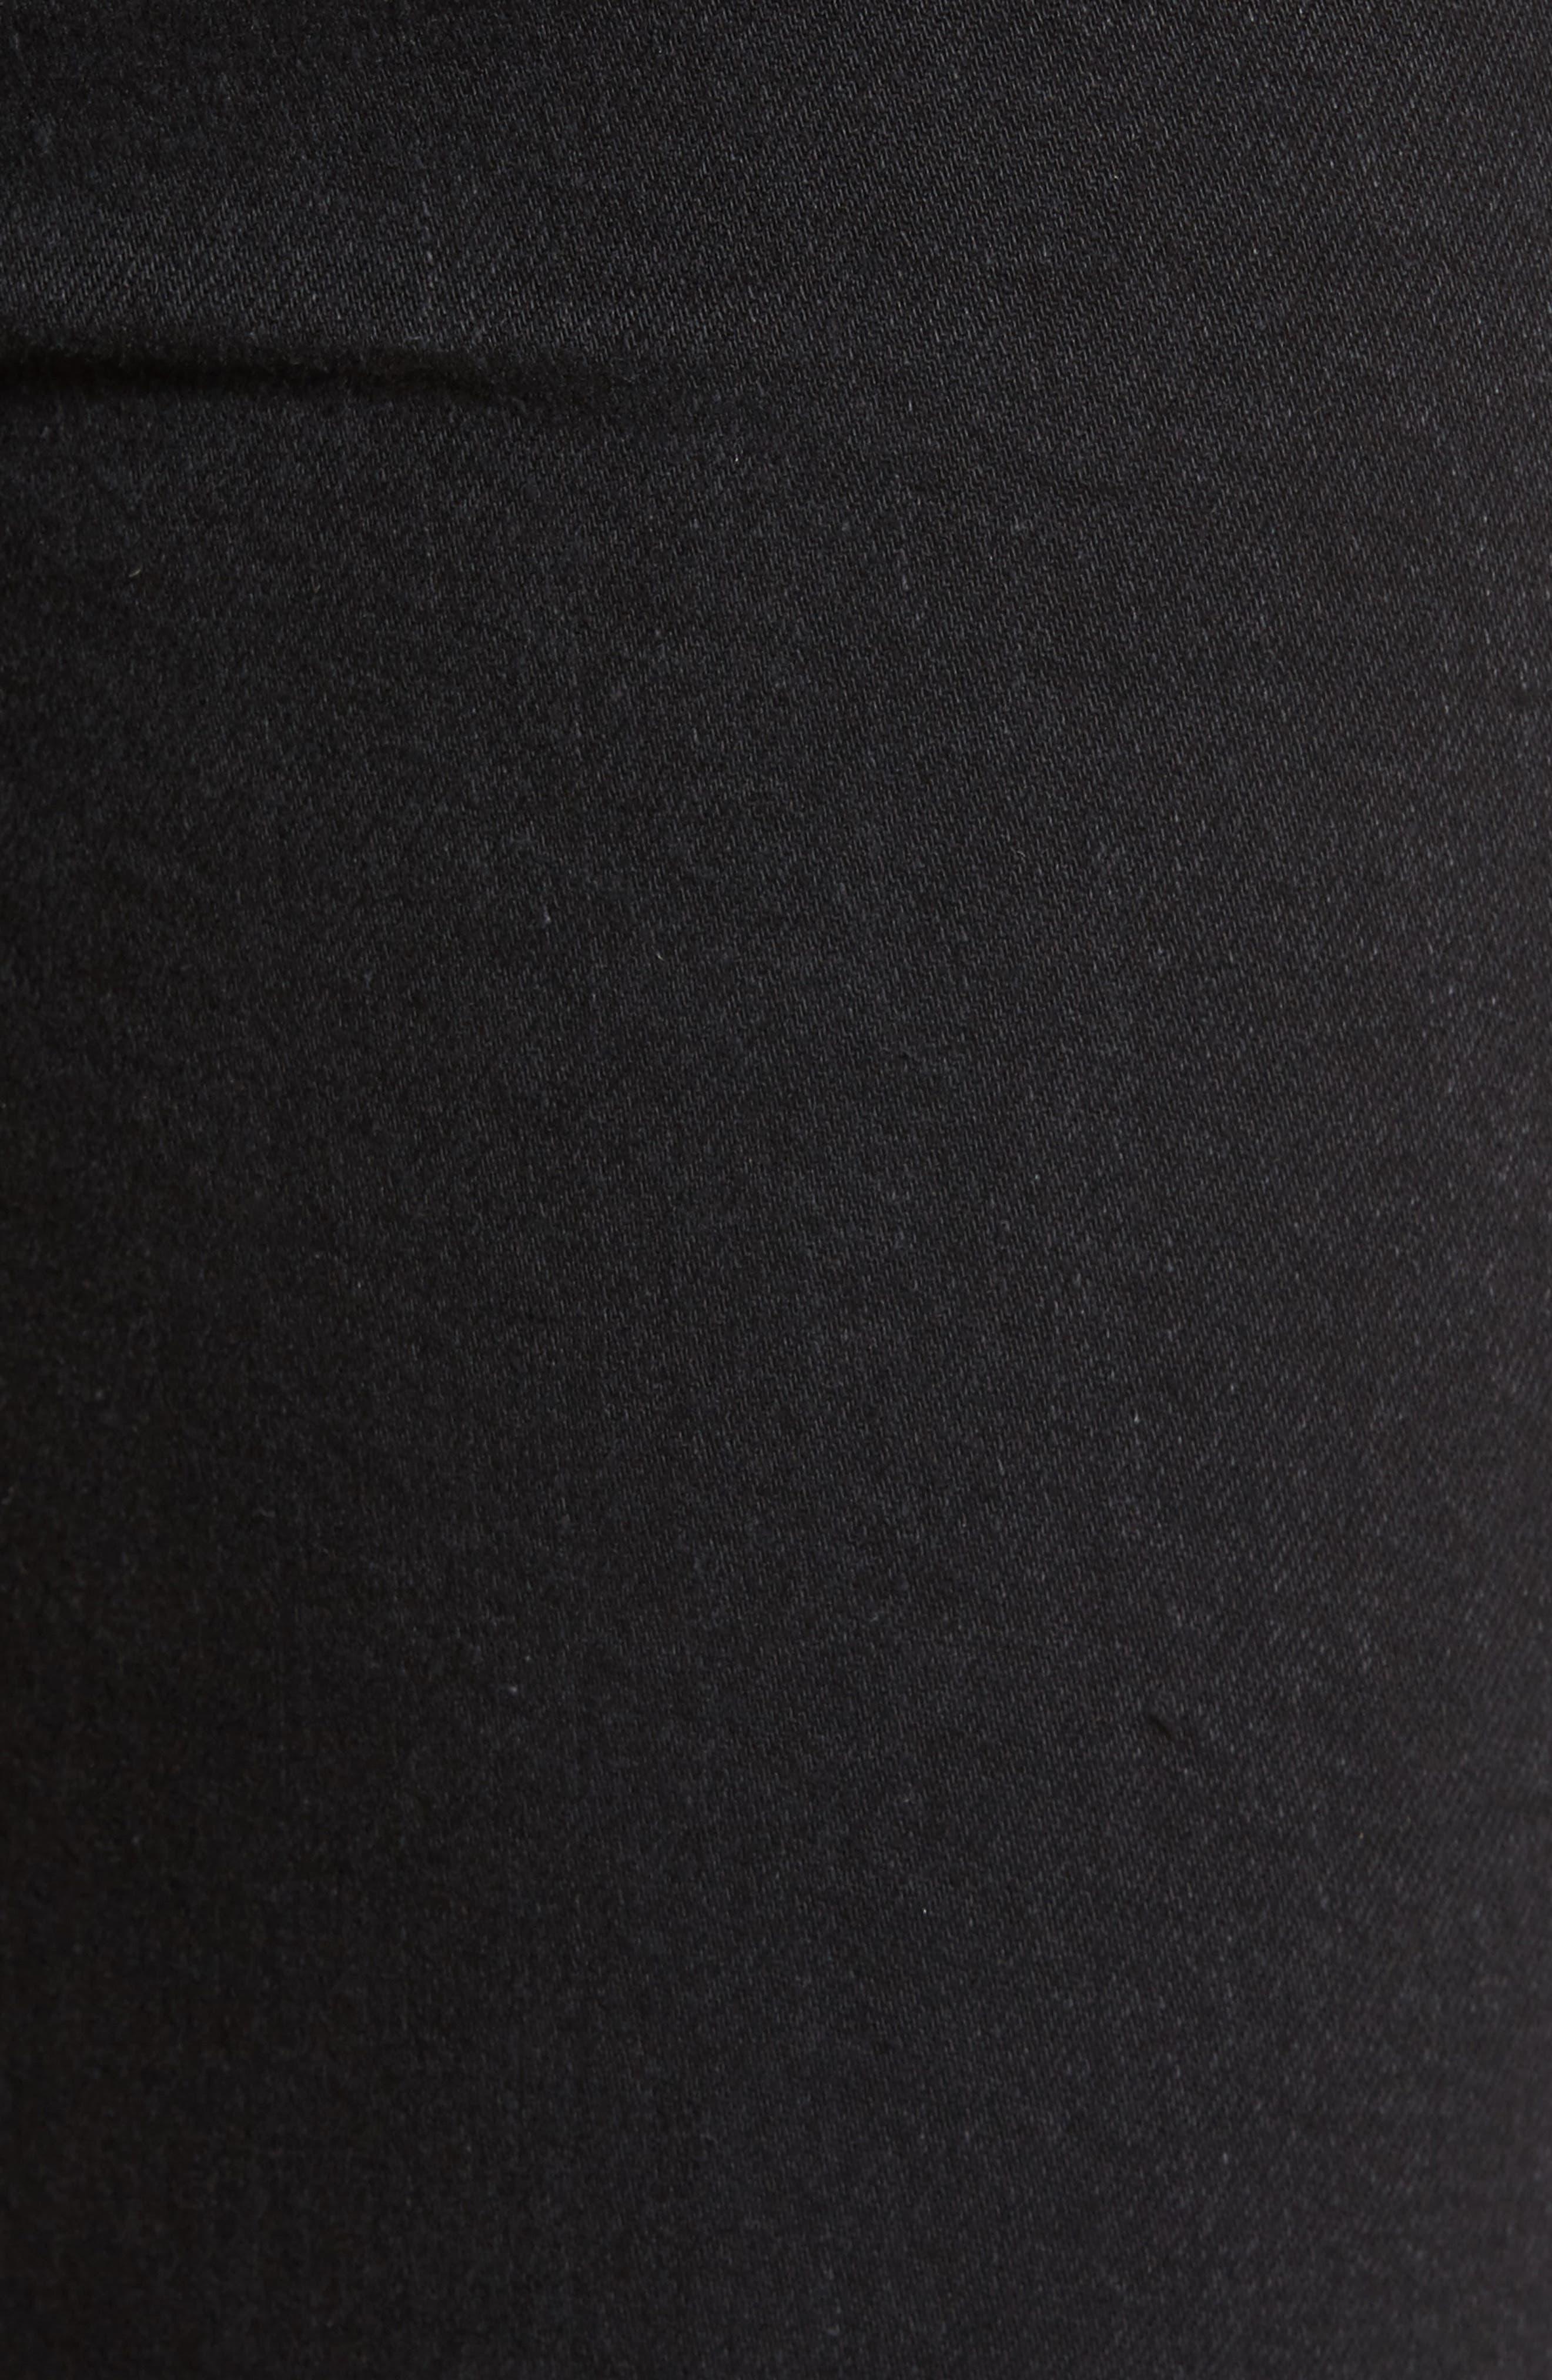 Jacqueline High Waist Crop Straight Leg Jeans,                             Alternate thumbnail 5, color,                             001